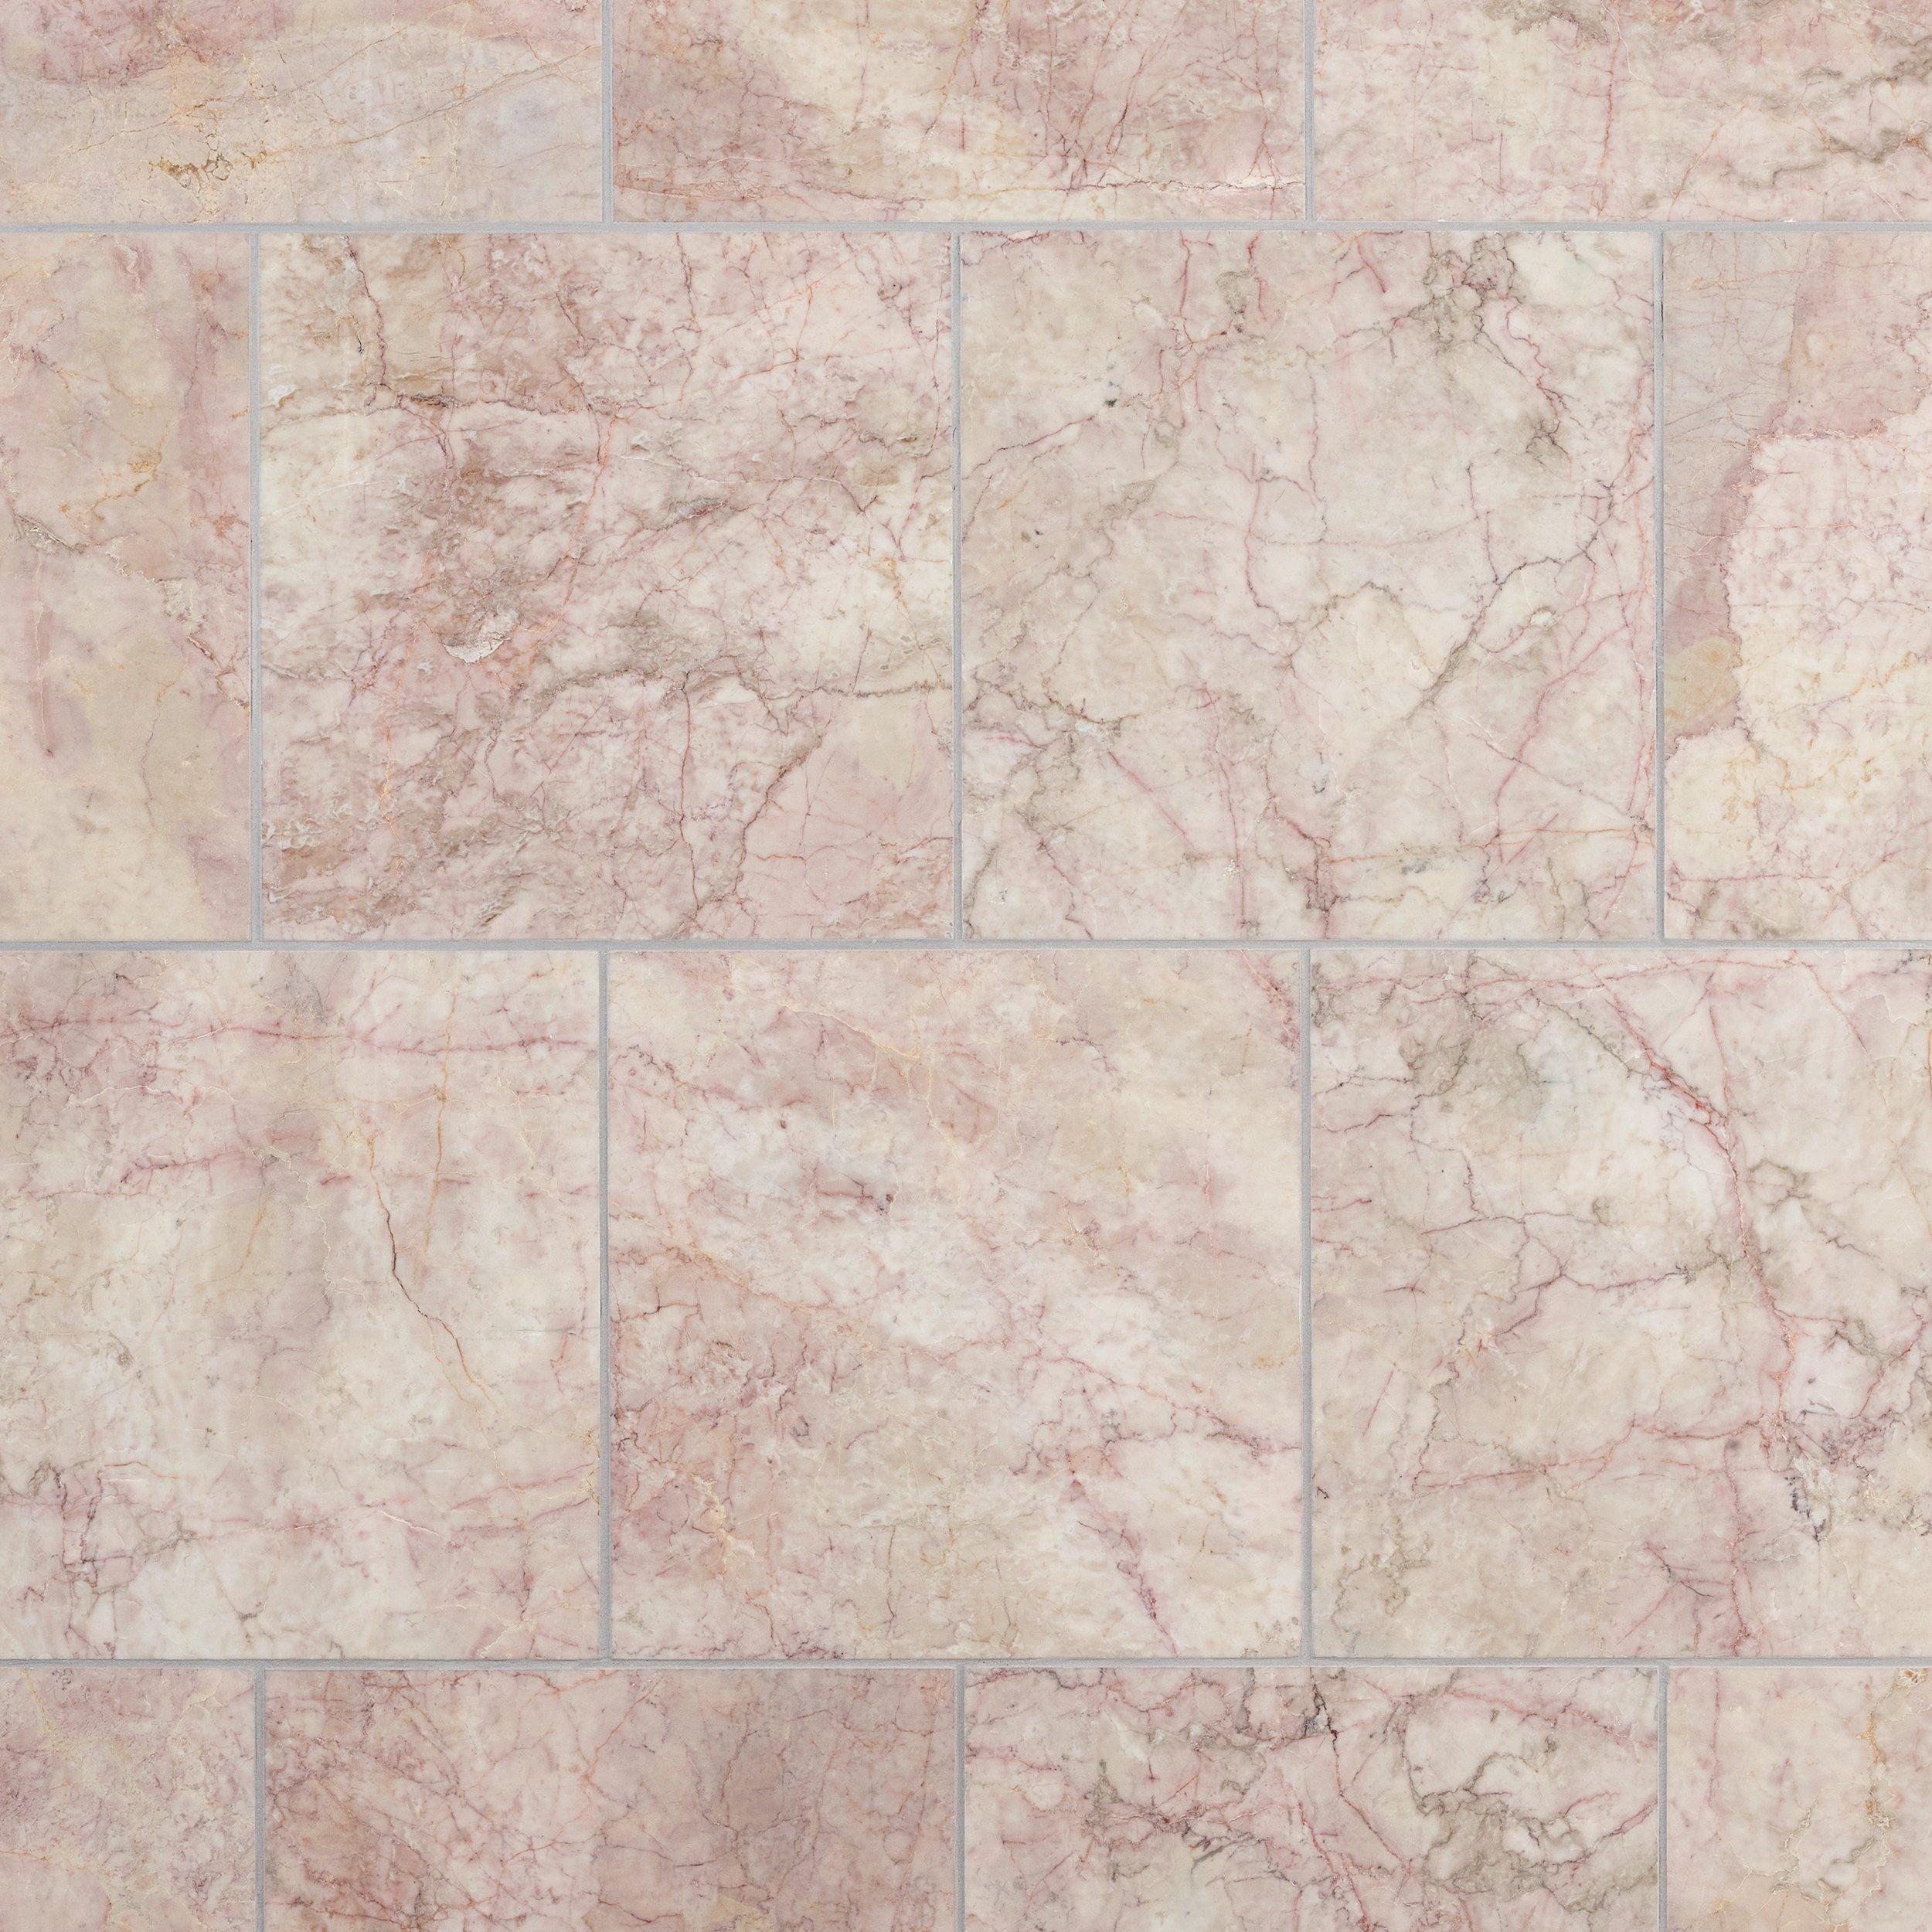 Dynasty Cream Marble Tile 12 X 12 921104741 Floor And Decor